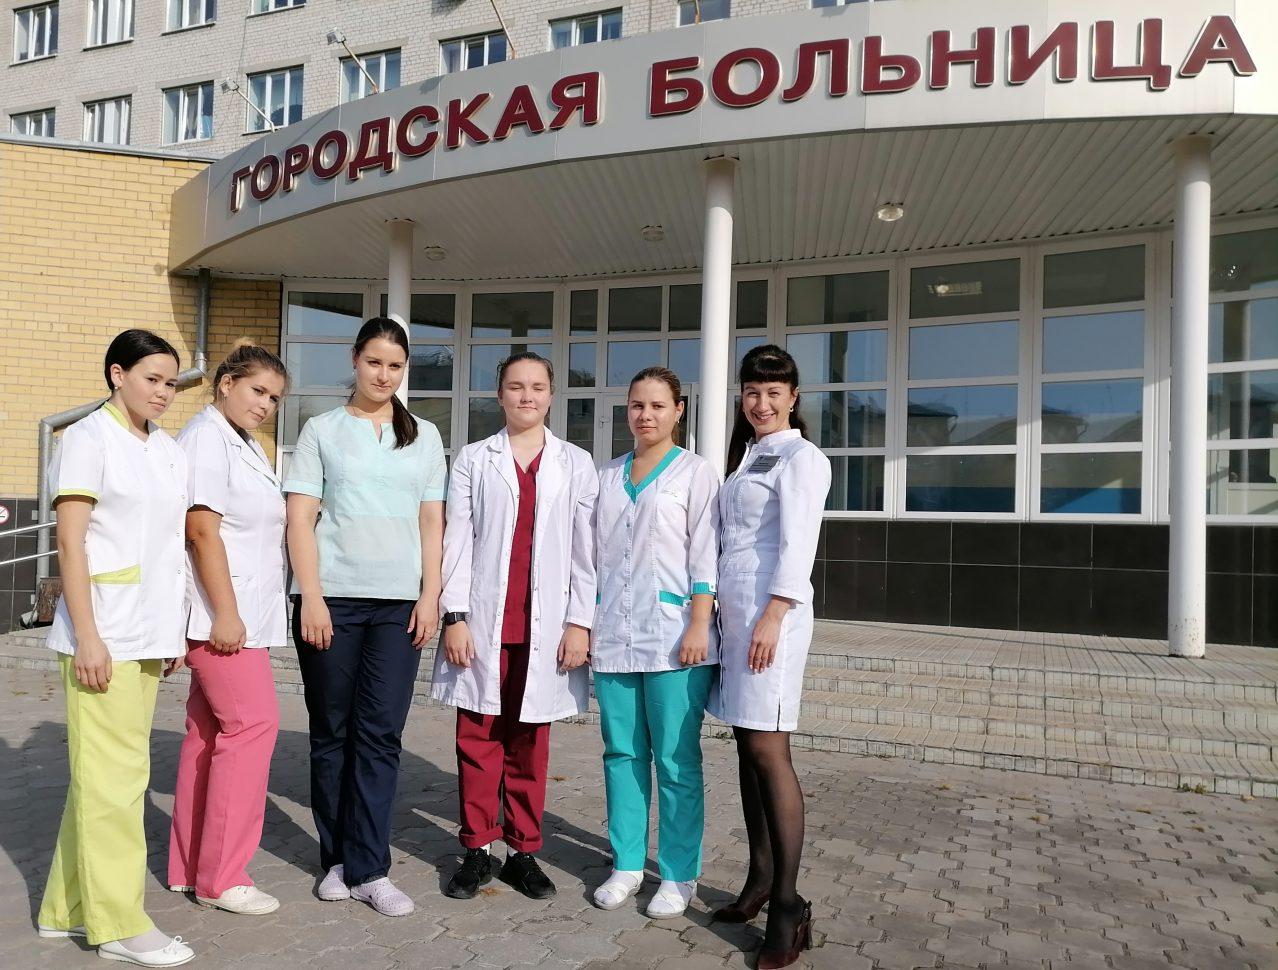 В этом году 24 молодых специалиста приступили к работе в городской больнице